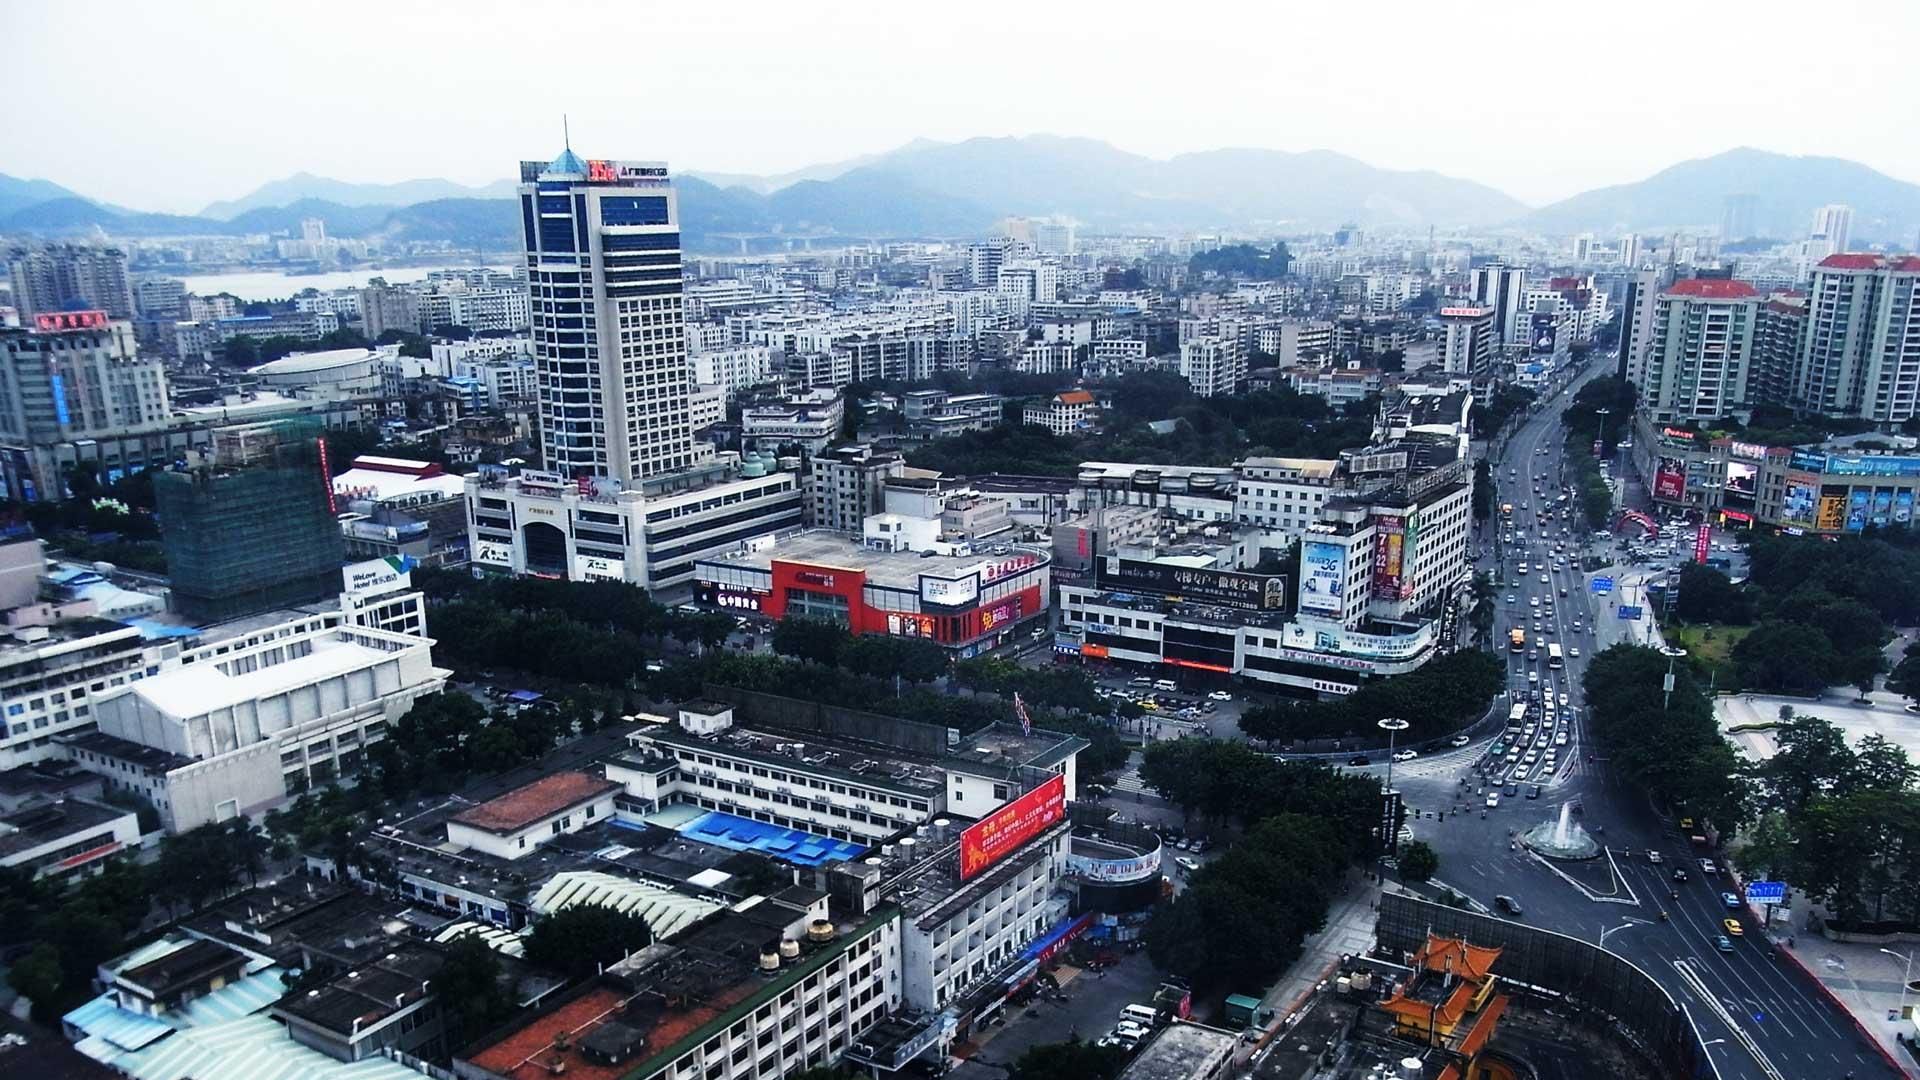 Zhaoqing cityscape